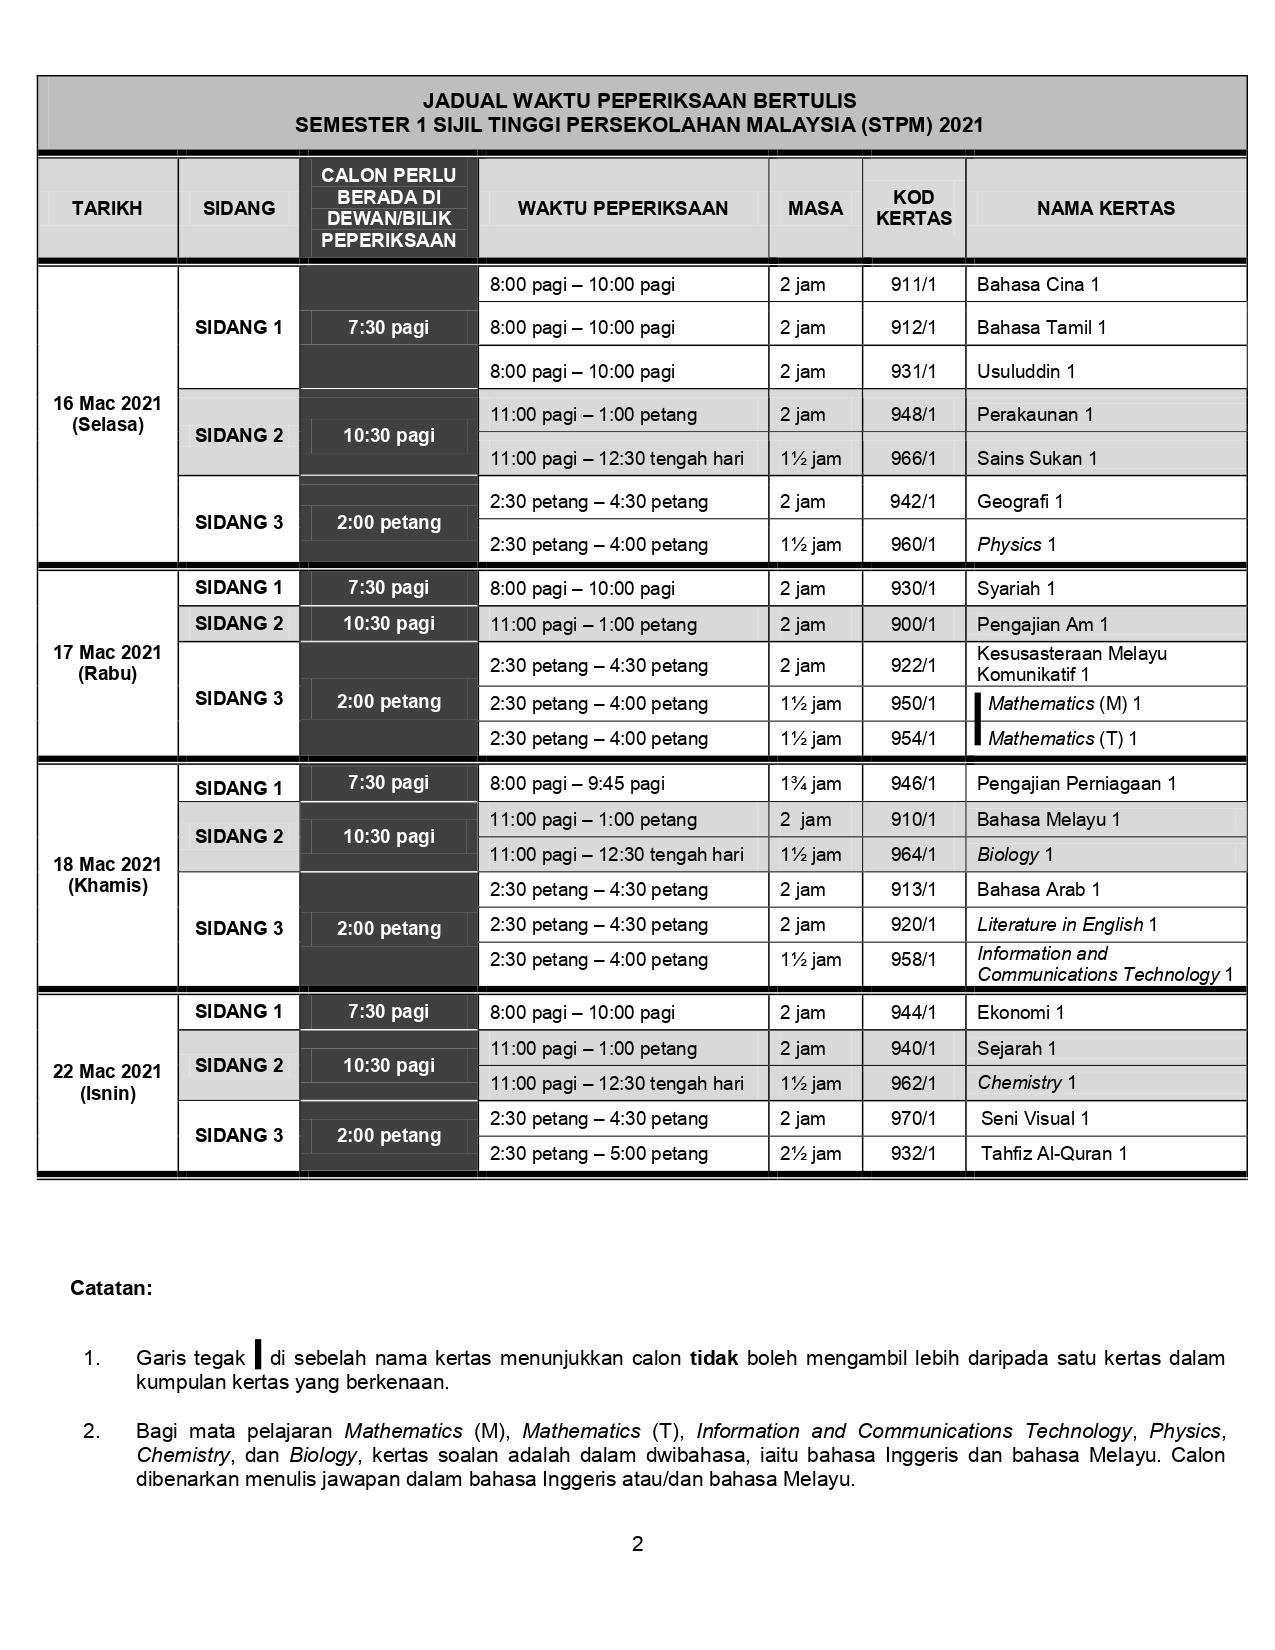 jadual peperiksaan stpm sem 1 2021